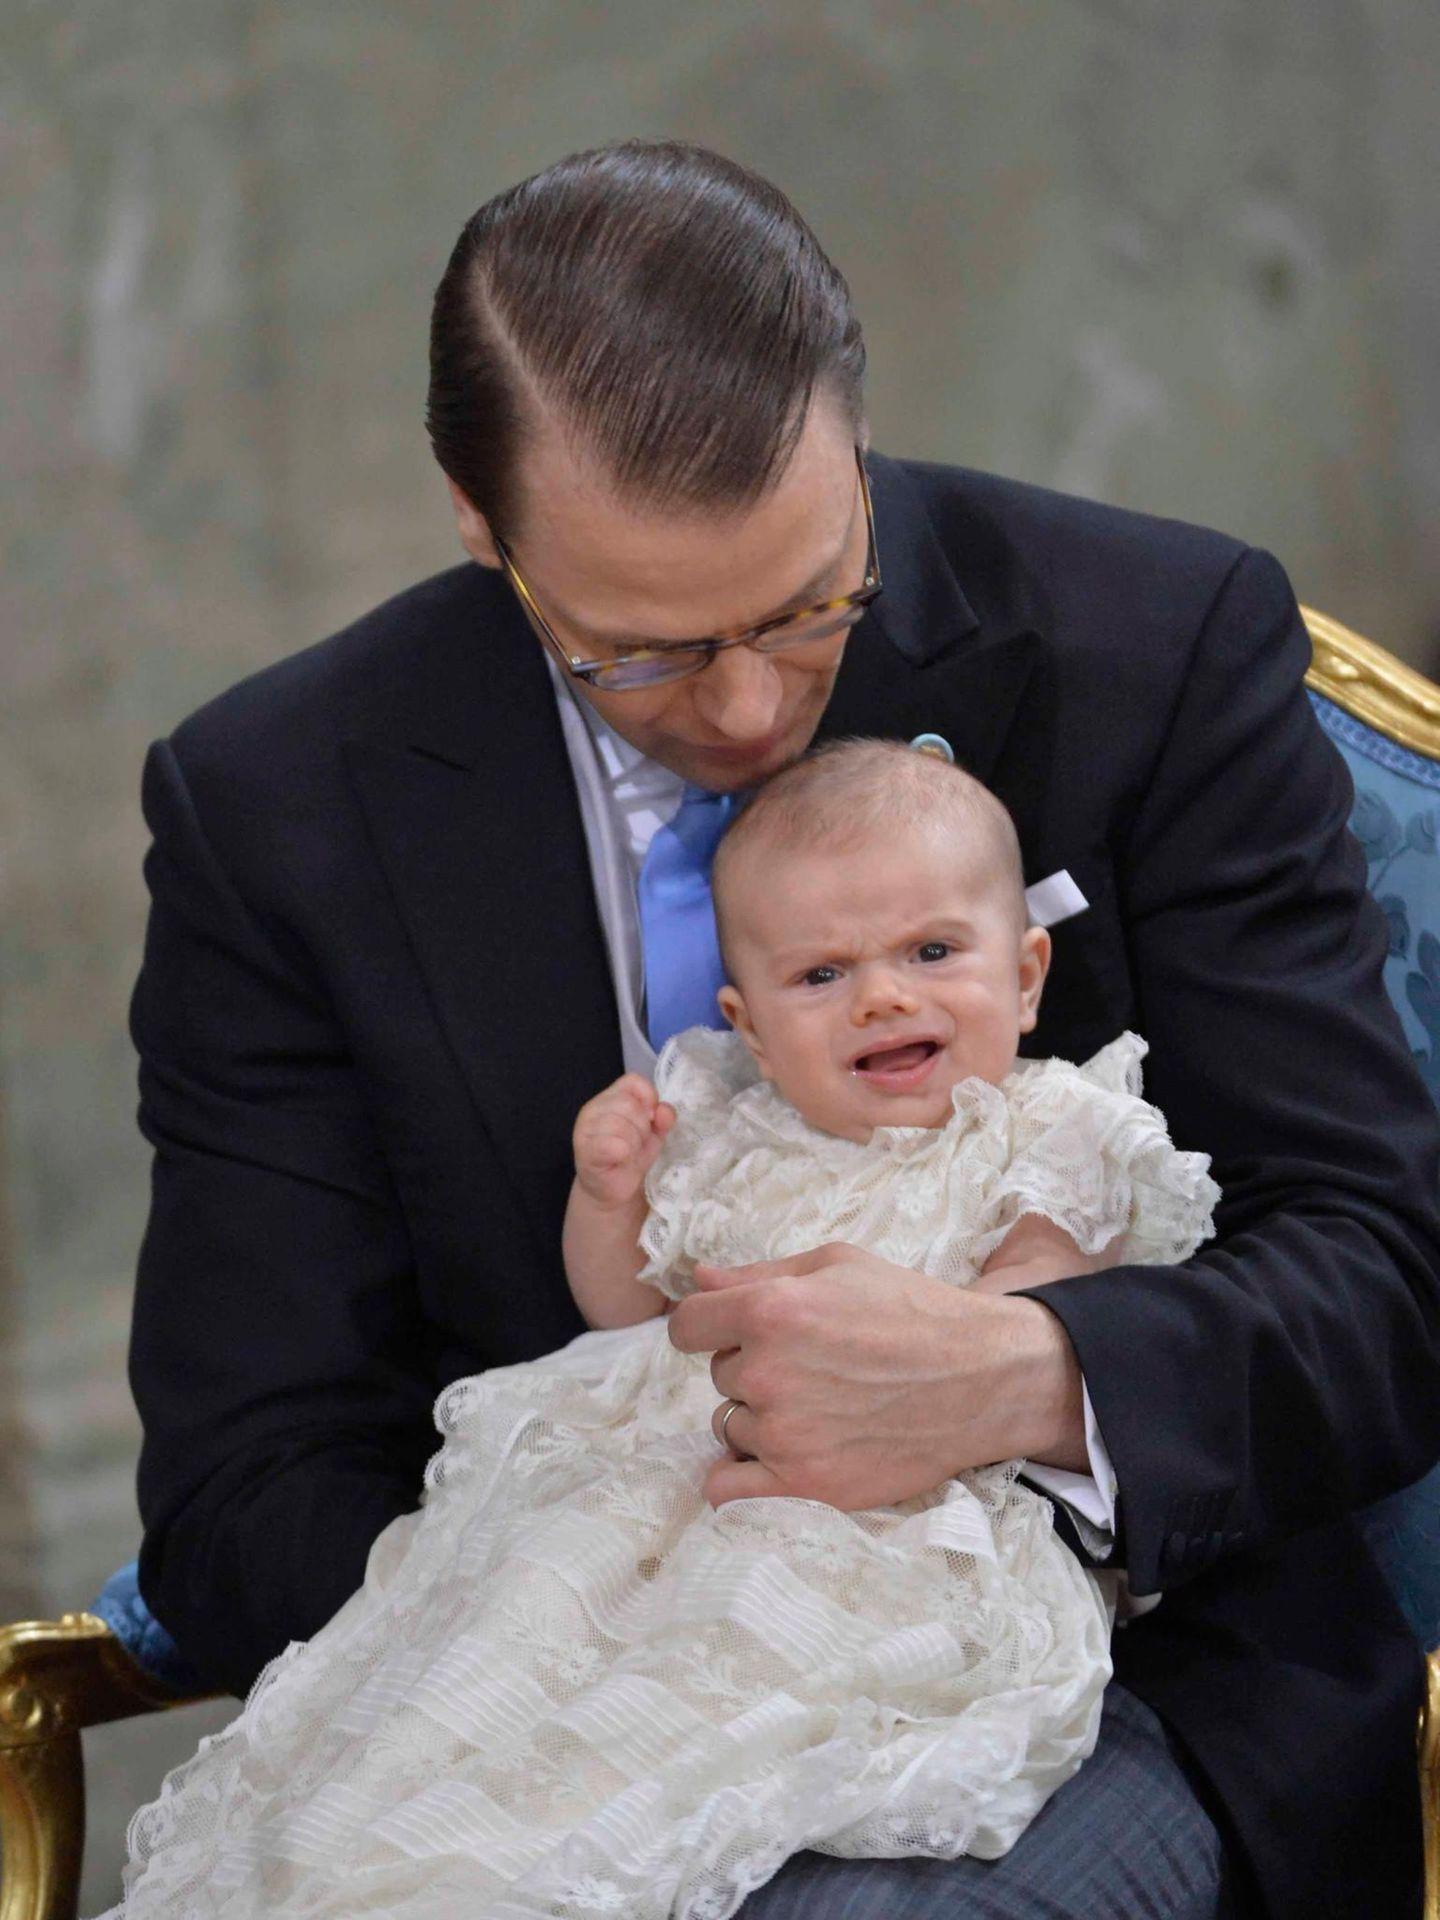 Prinz Daniel hat seinen Sohn auf dem Arm, dem zwischendurch kurz zum Schreien ist.